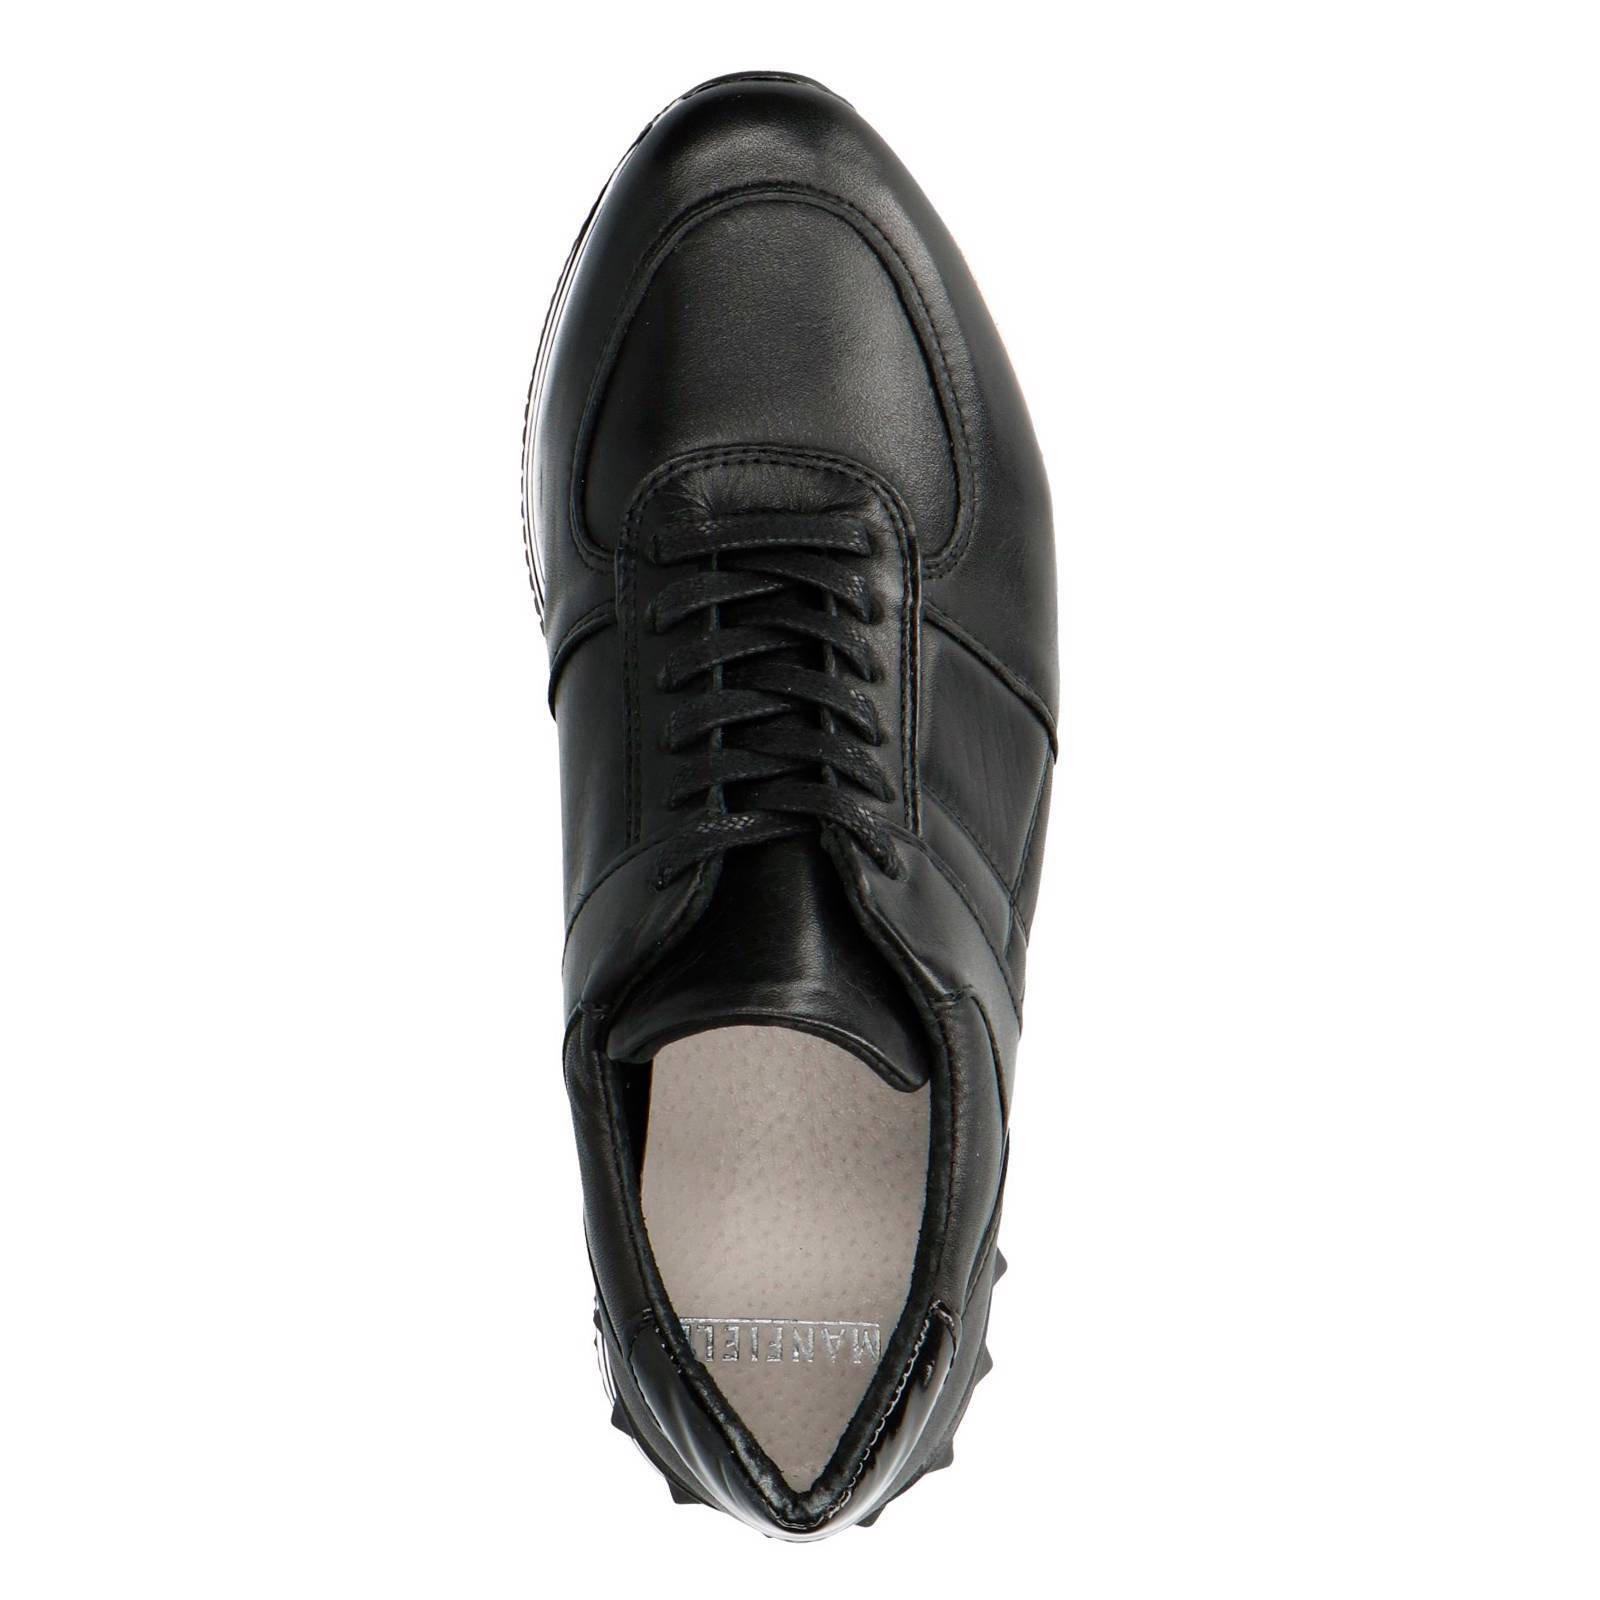 beste prijzen uitchecken goedkoop kopen leren sneakers zwart